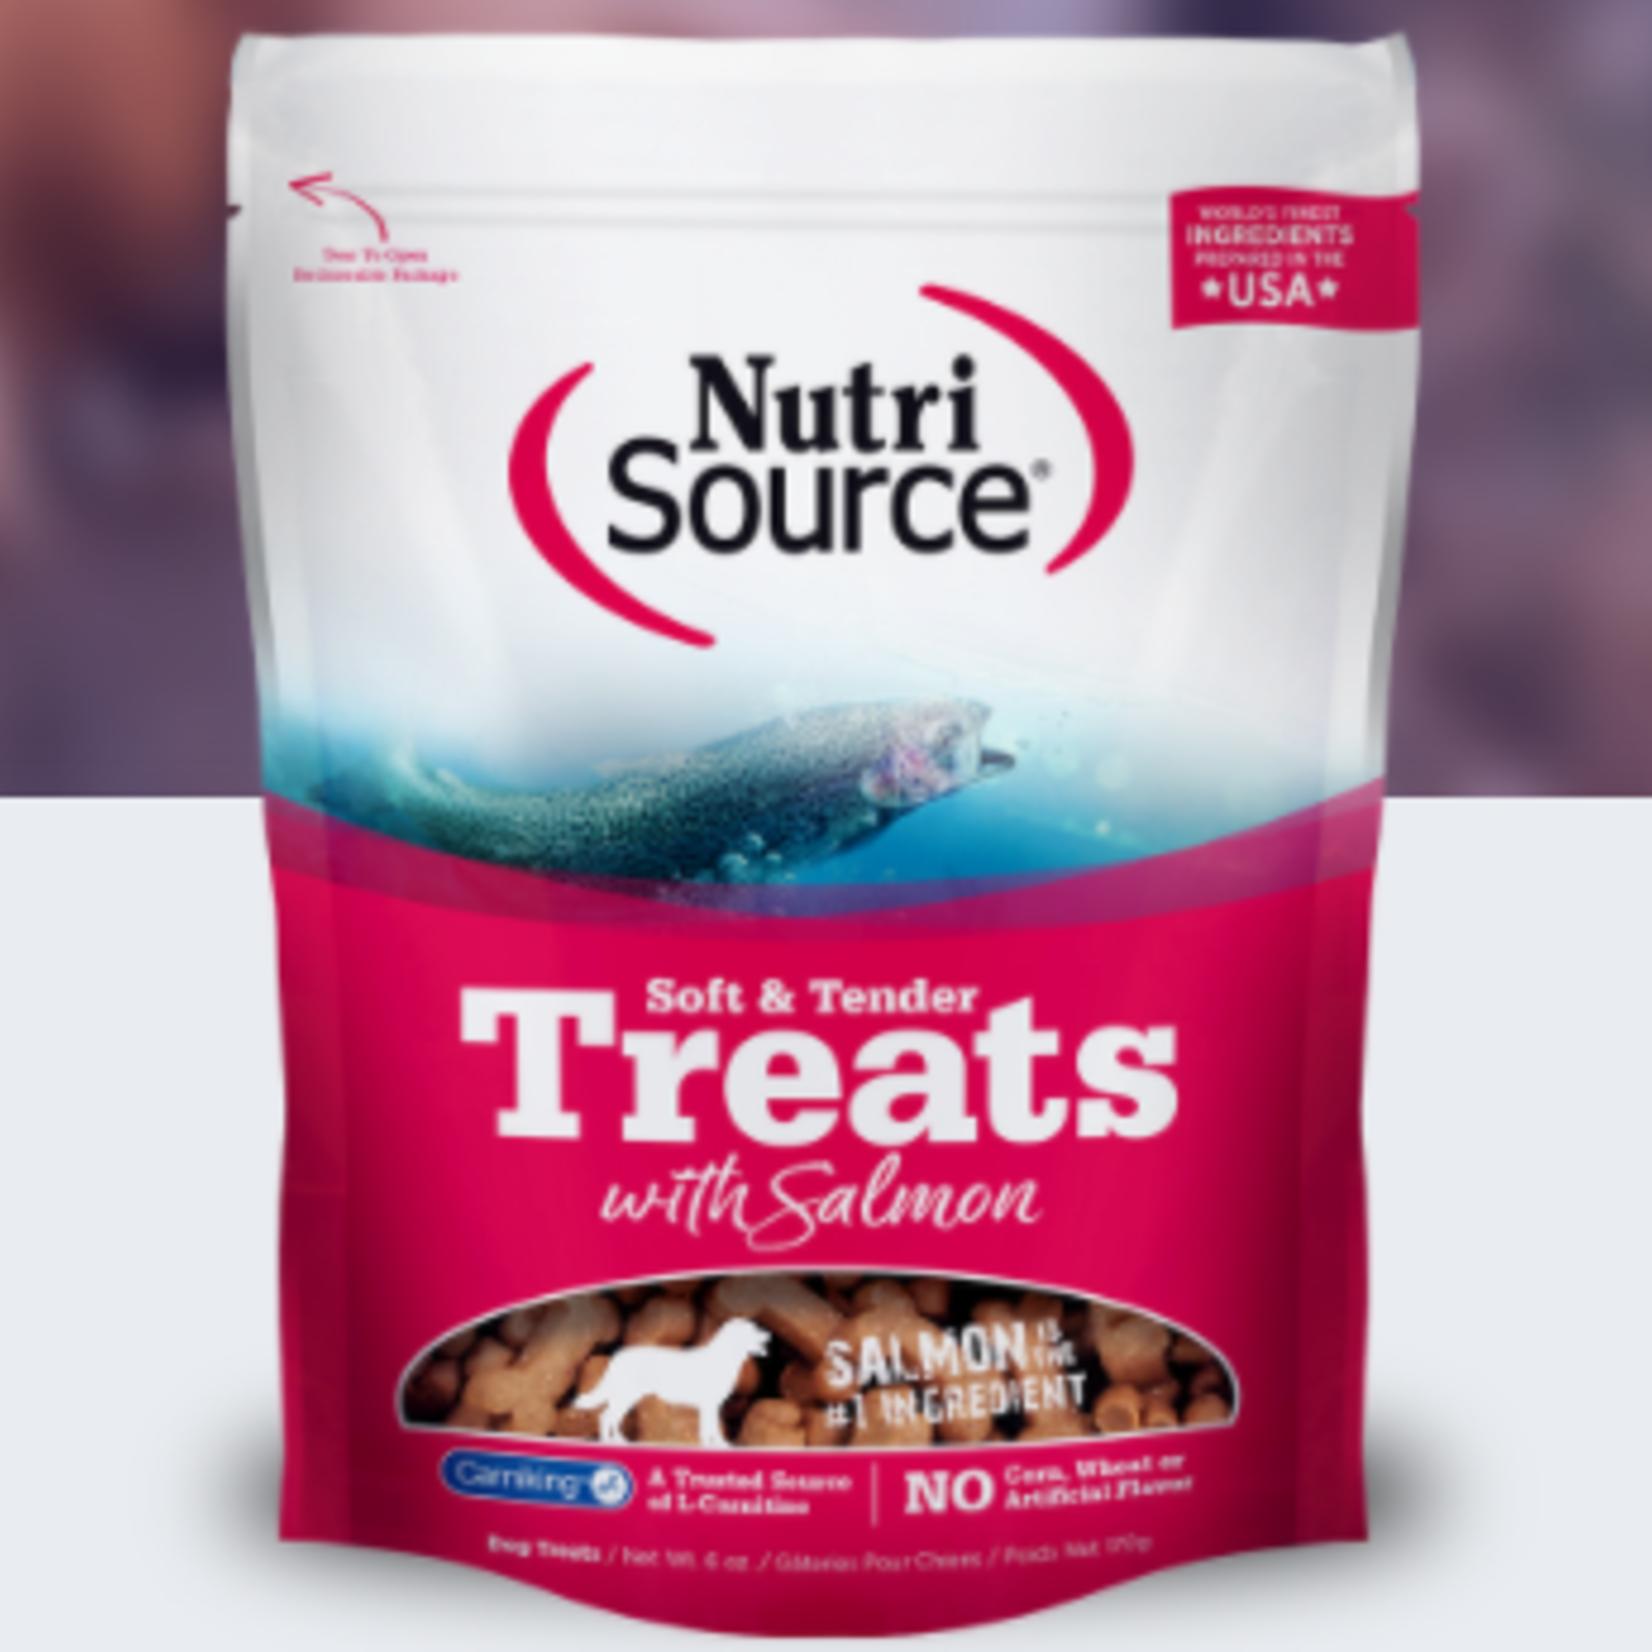 Nutri-Source Recette de saumon - Bouchées tendres et tendres - 6 oz